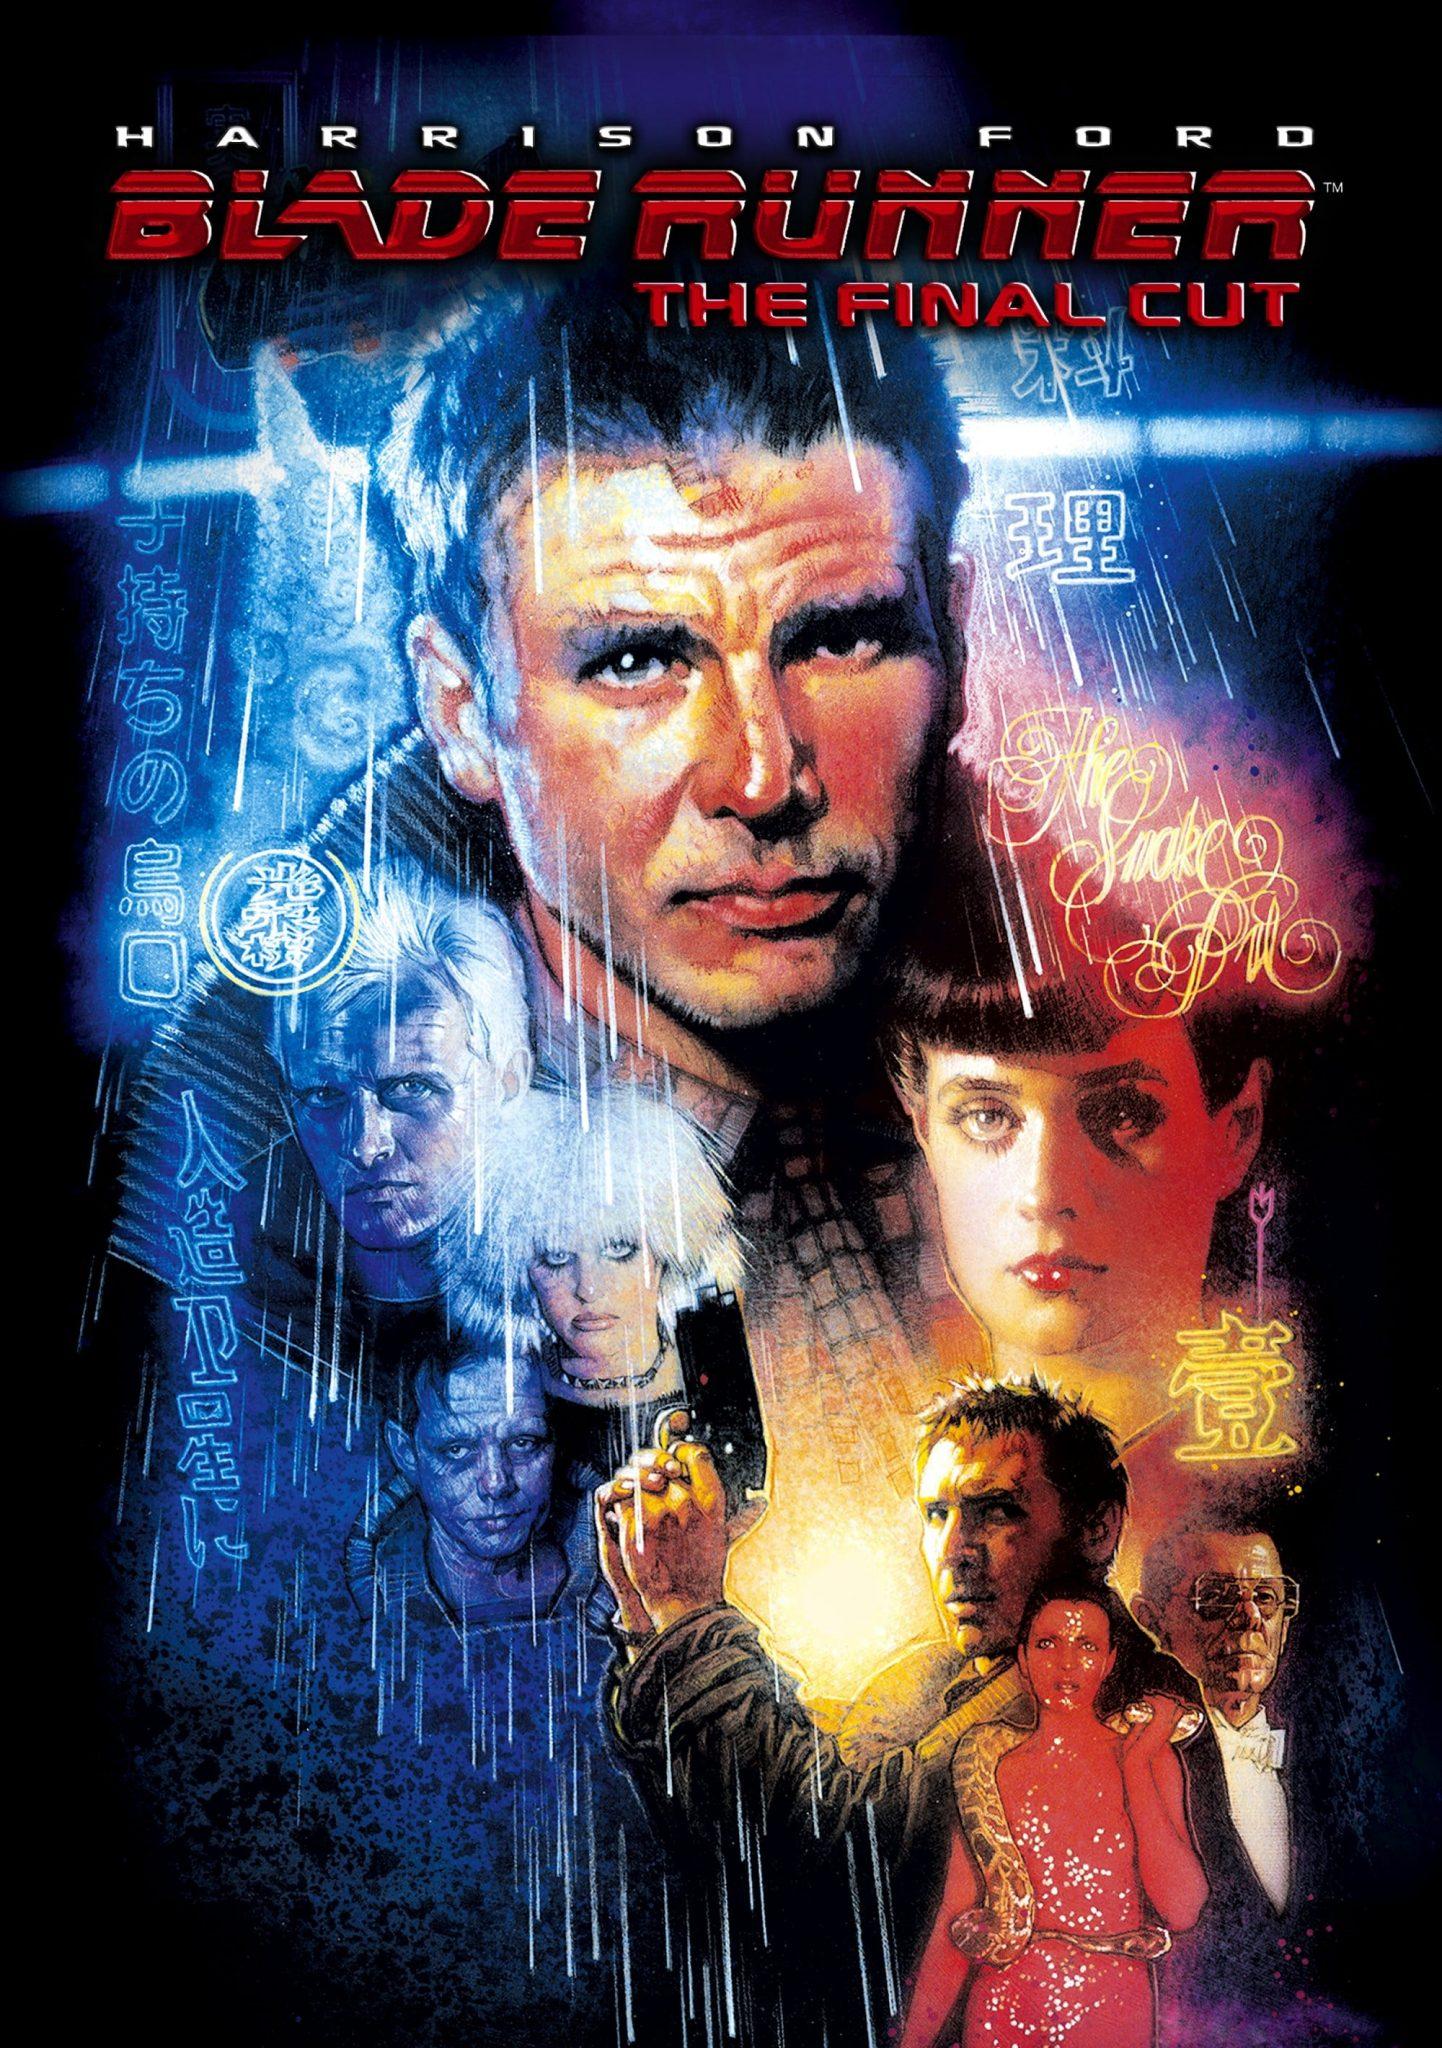 Blade Runner affiche the final cut